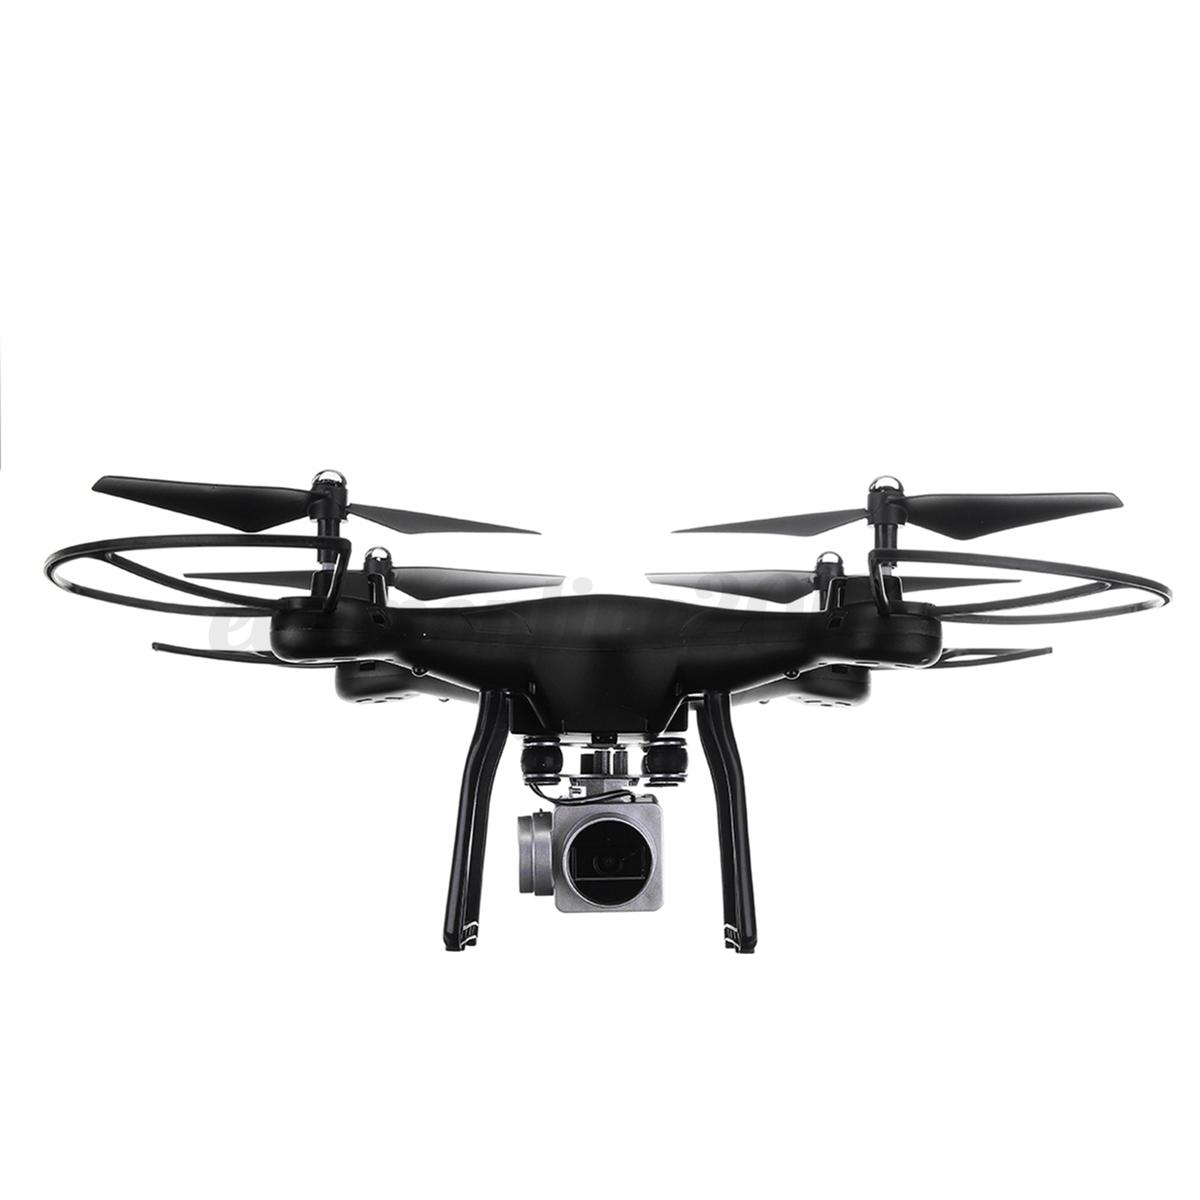 SMAO-RC-S10-HD-2-0MP-720P-Camara-FPV-2-4G-4CH-WIFI-Drone-Quadcopter-UAV-Remoto